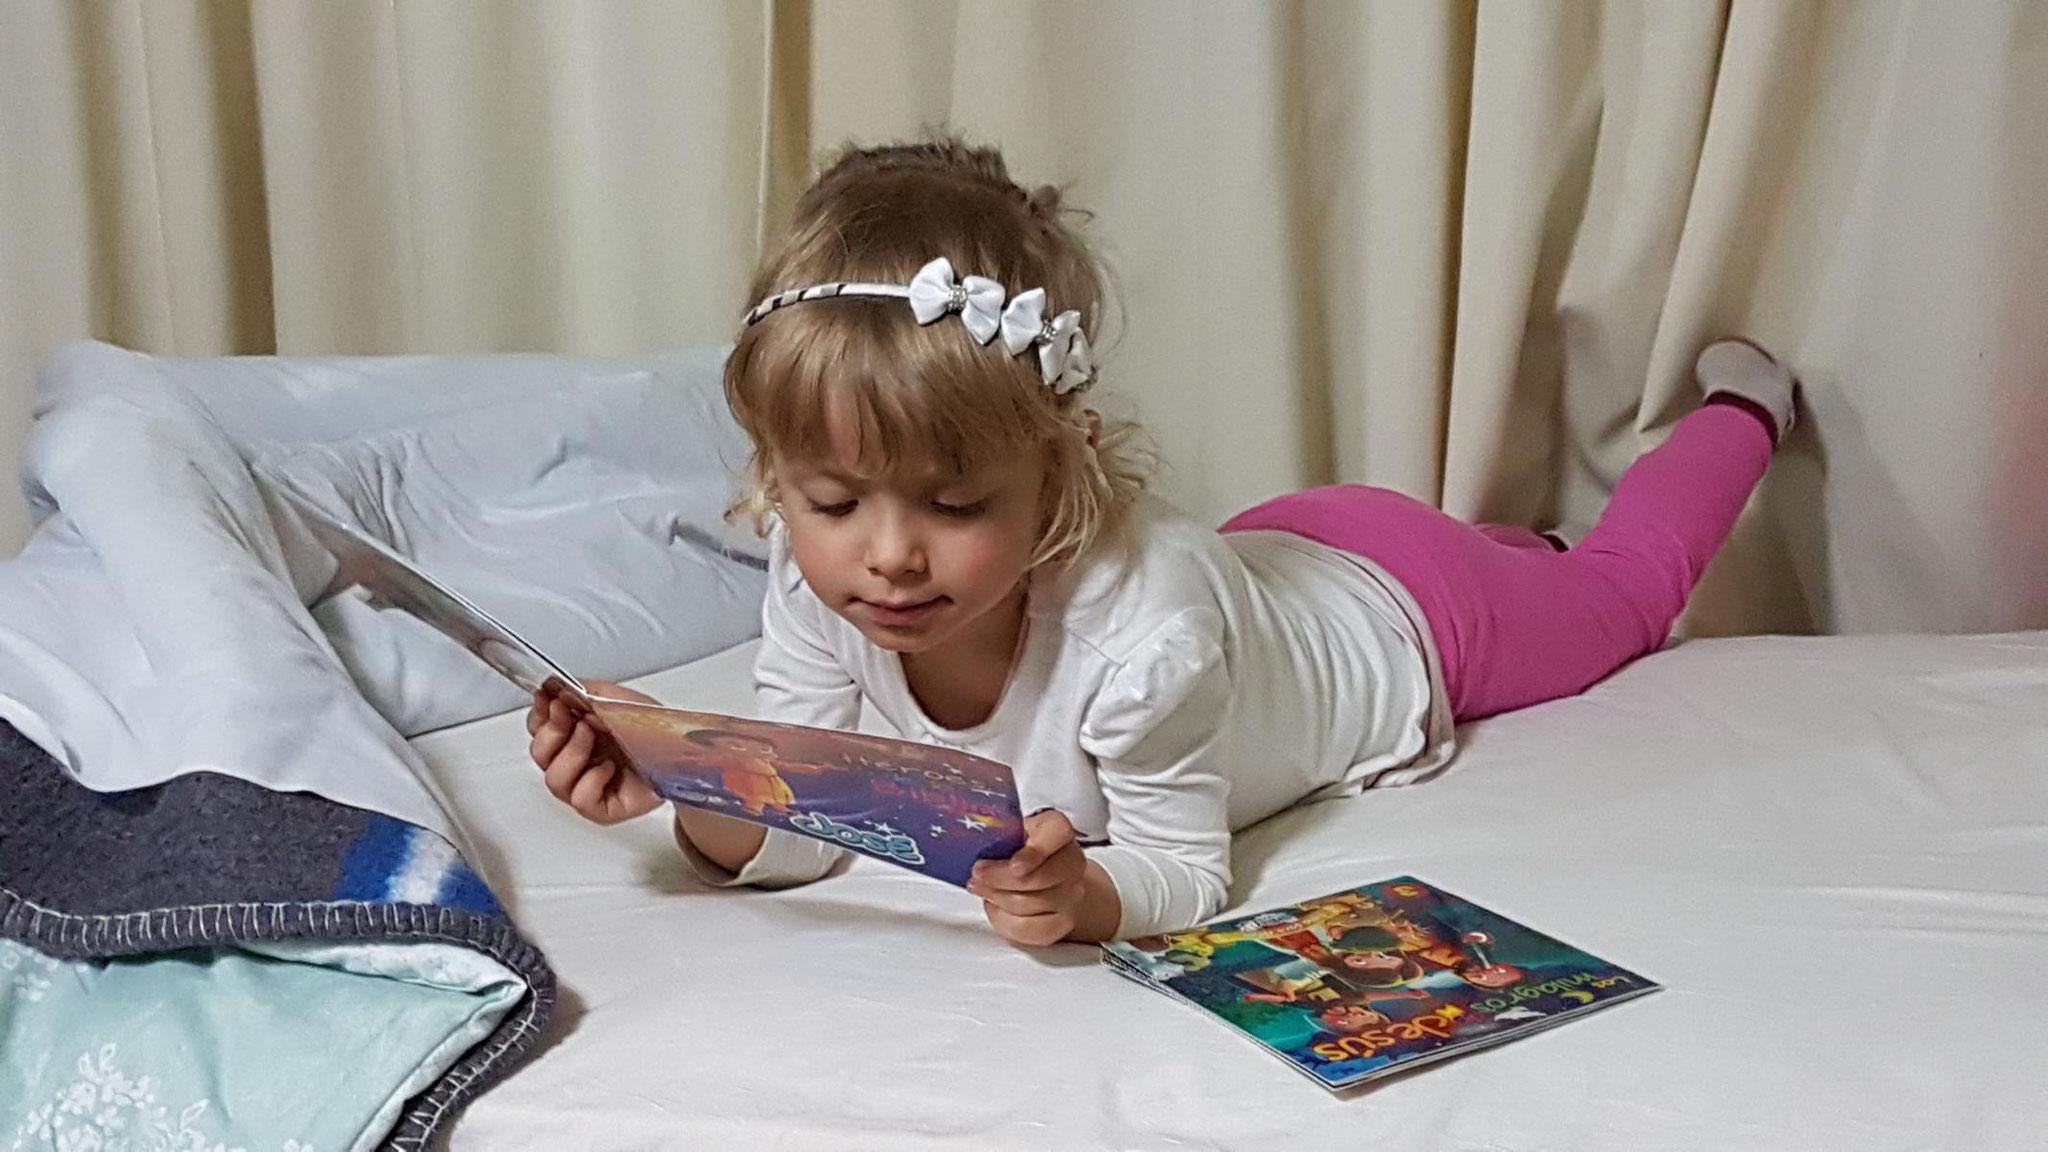 Johanna studiert auch biblische Geschichten.